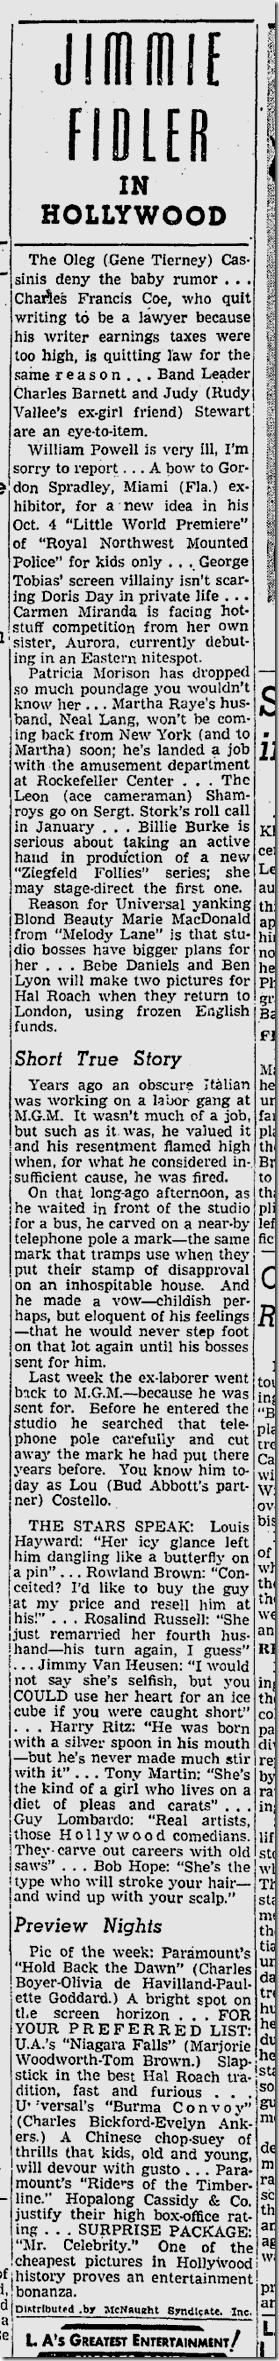 Sept. 30, 1941, Jimmie Fidler